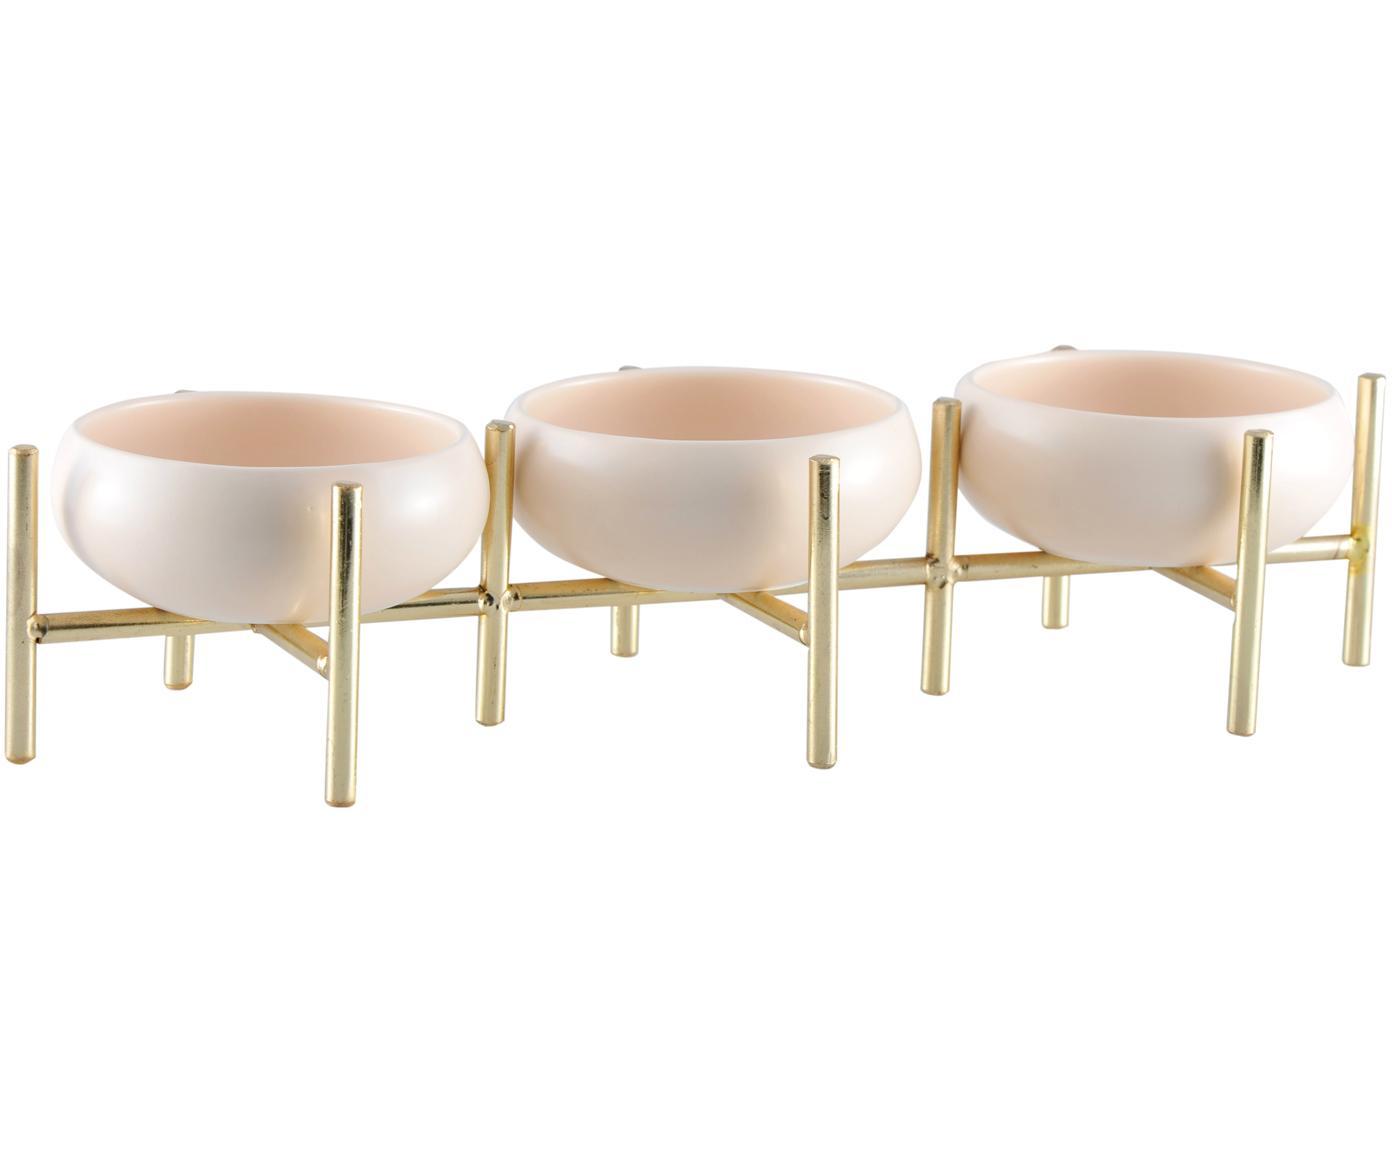 Set de cuencos Paradise, 4pzas., Estructura: metal recubierto, Cuencos: porcelana, Dorado, beige claro, An 36 x Al 8 cm